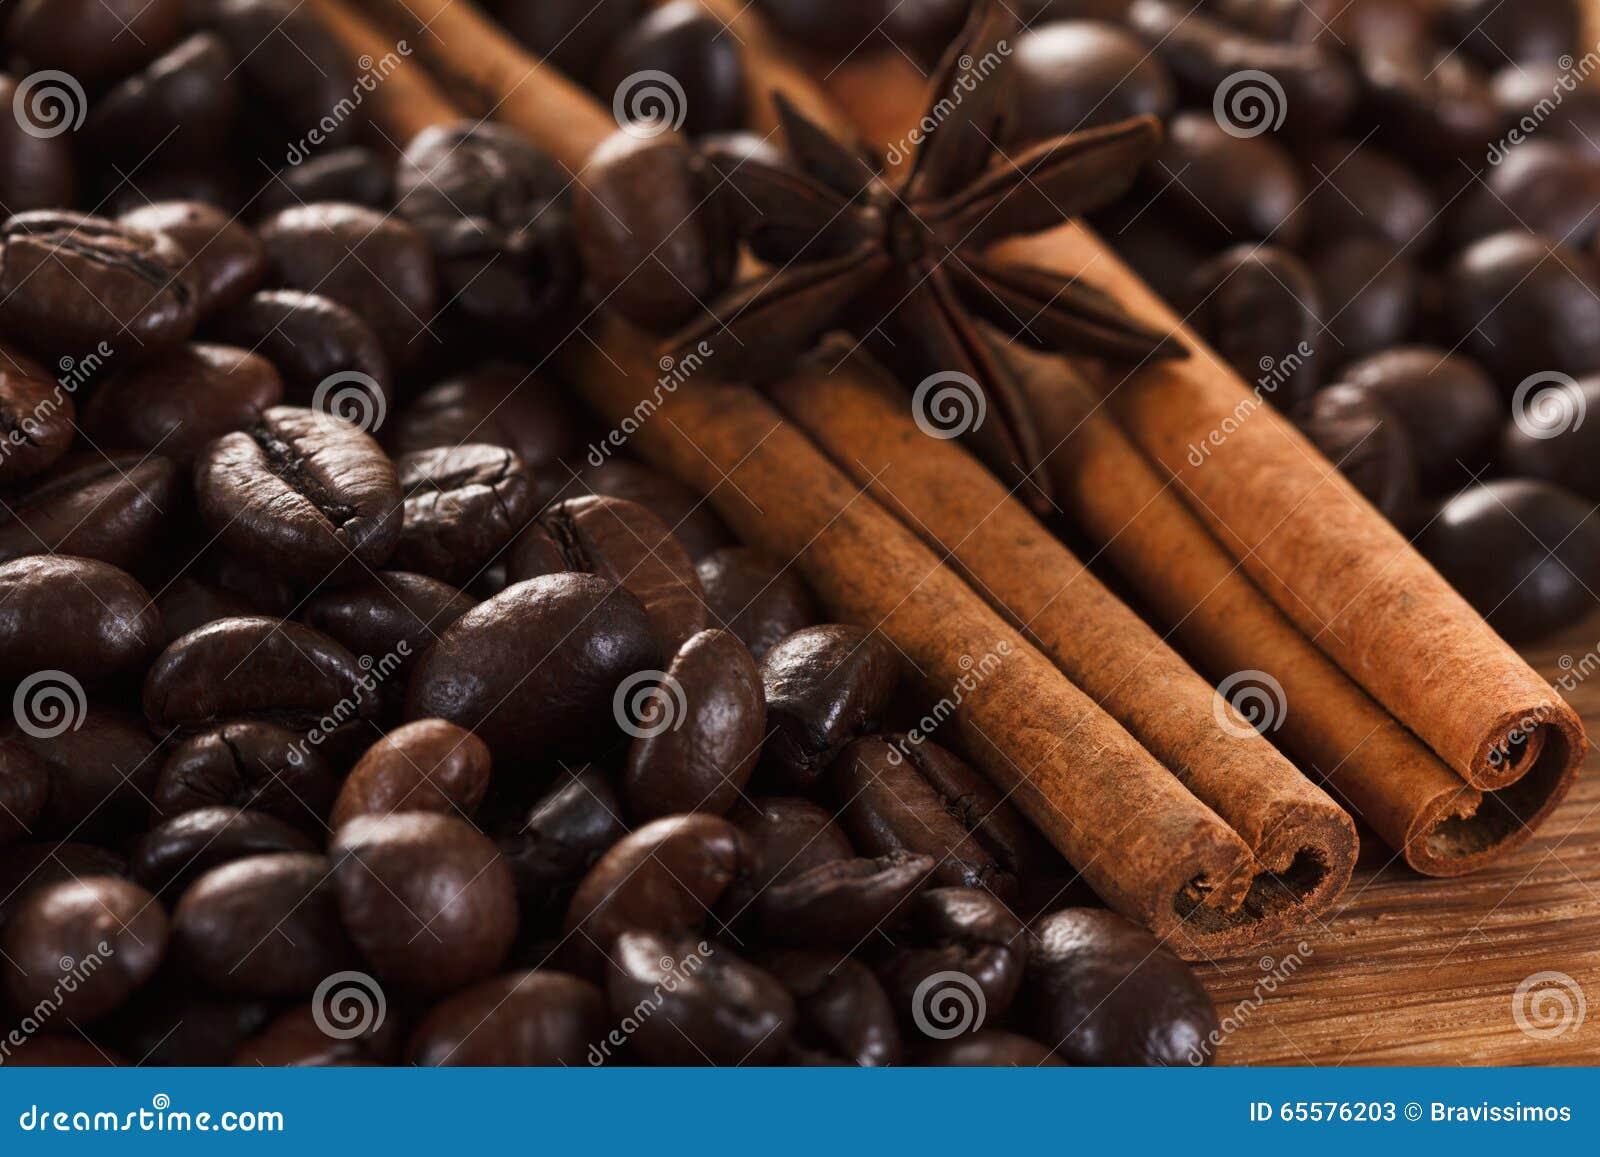 Feijões de café com canela e anis na tabela de madeira